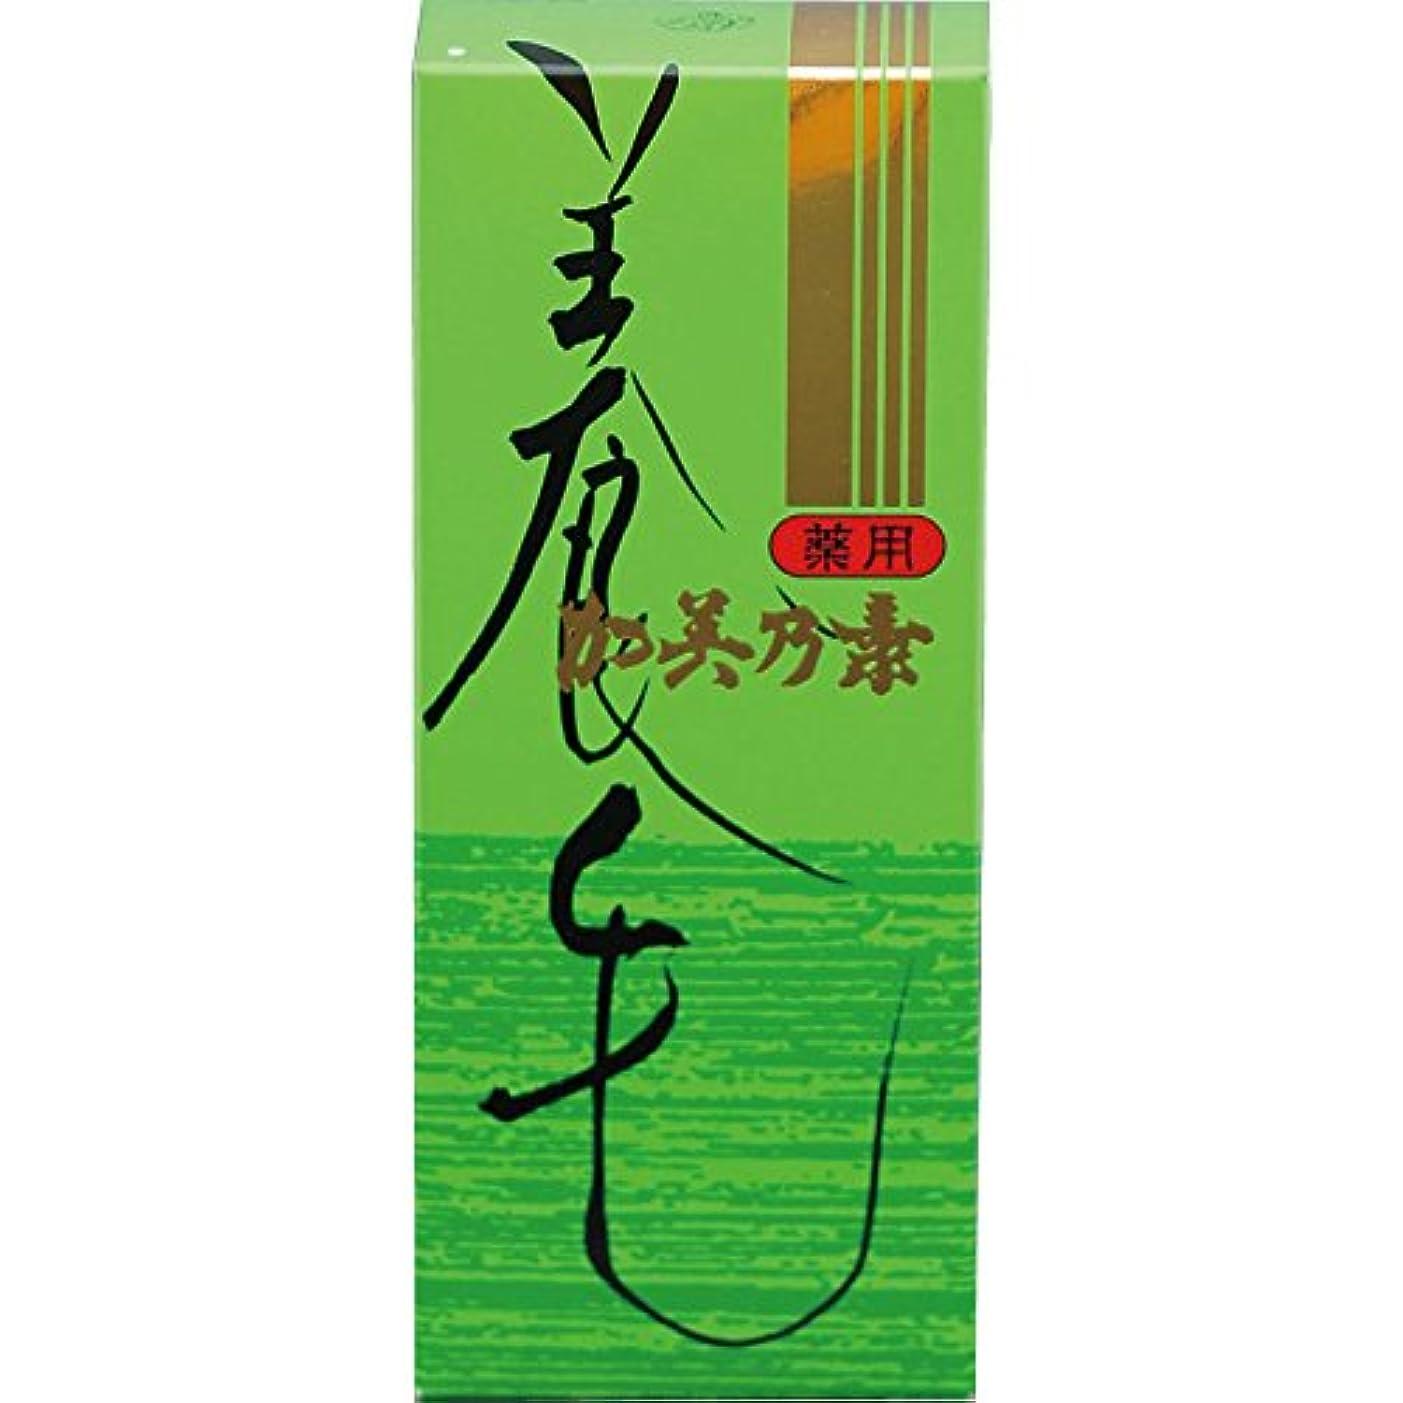 首相特定のドリル薬用加美乃素 グリーンフローラルの香り 180mL 【医薬部外品】